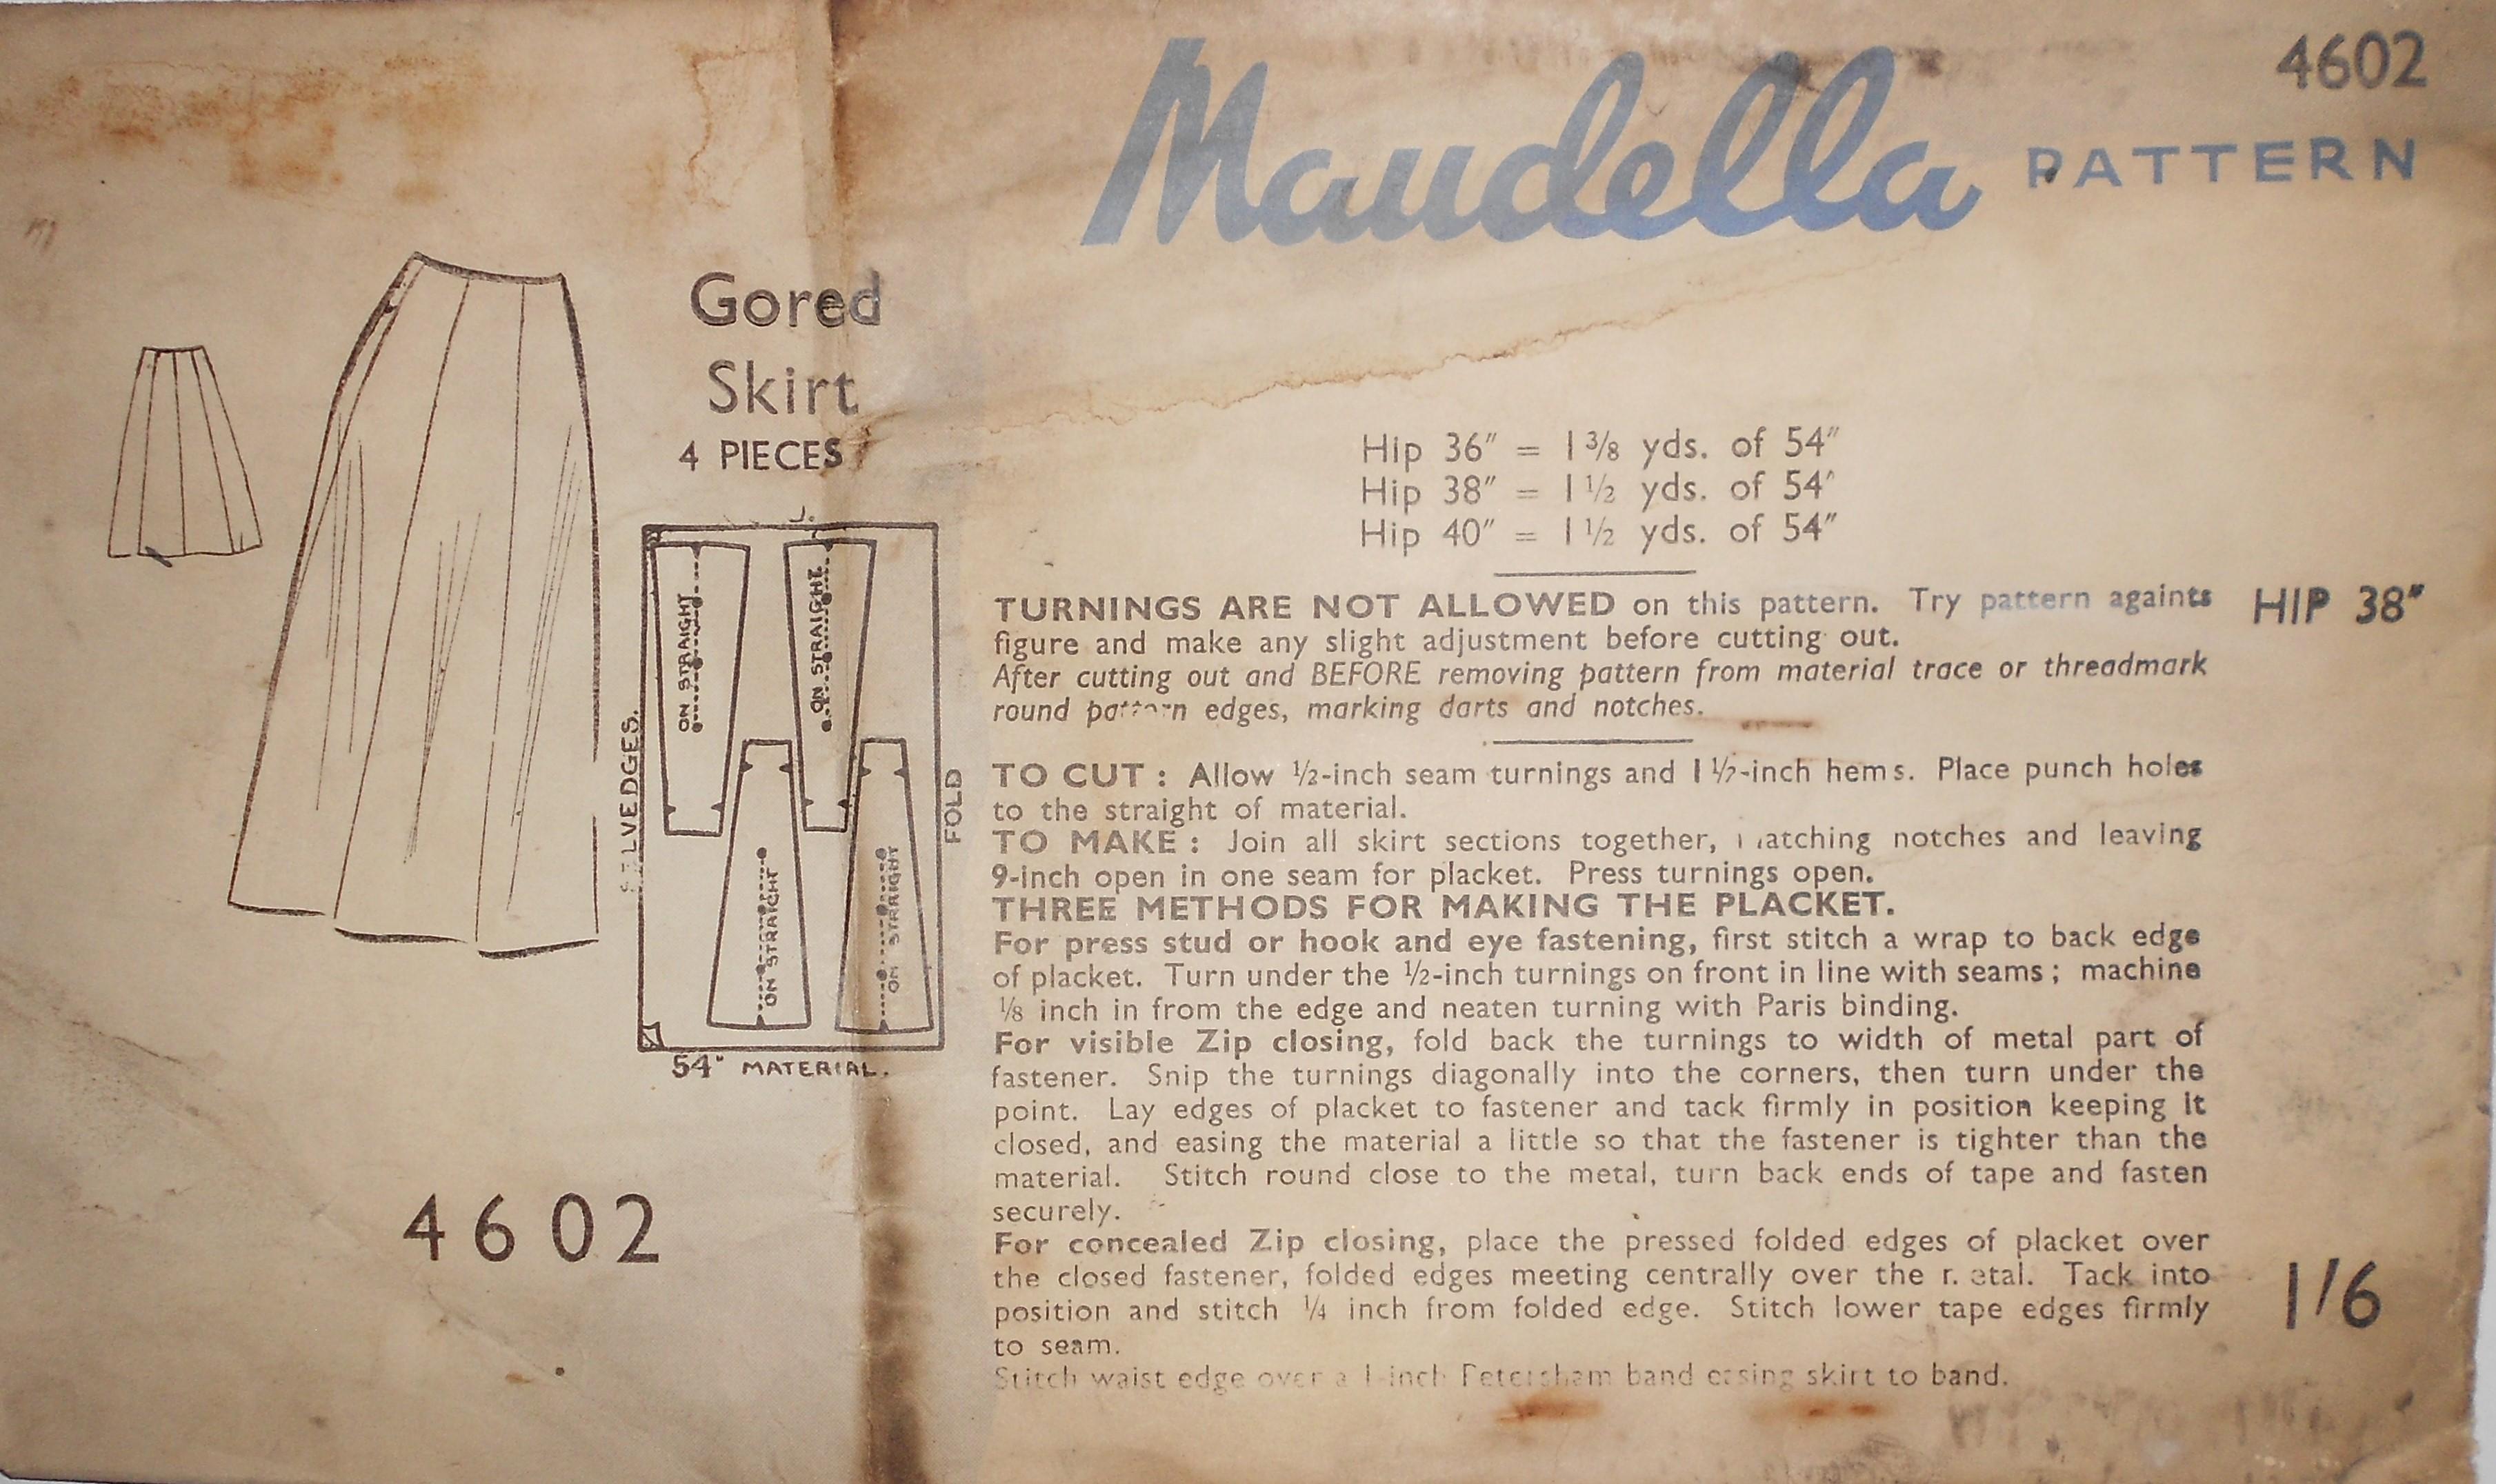 Maudella 4602